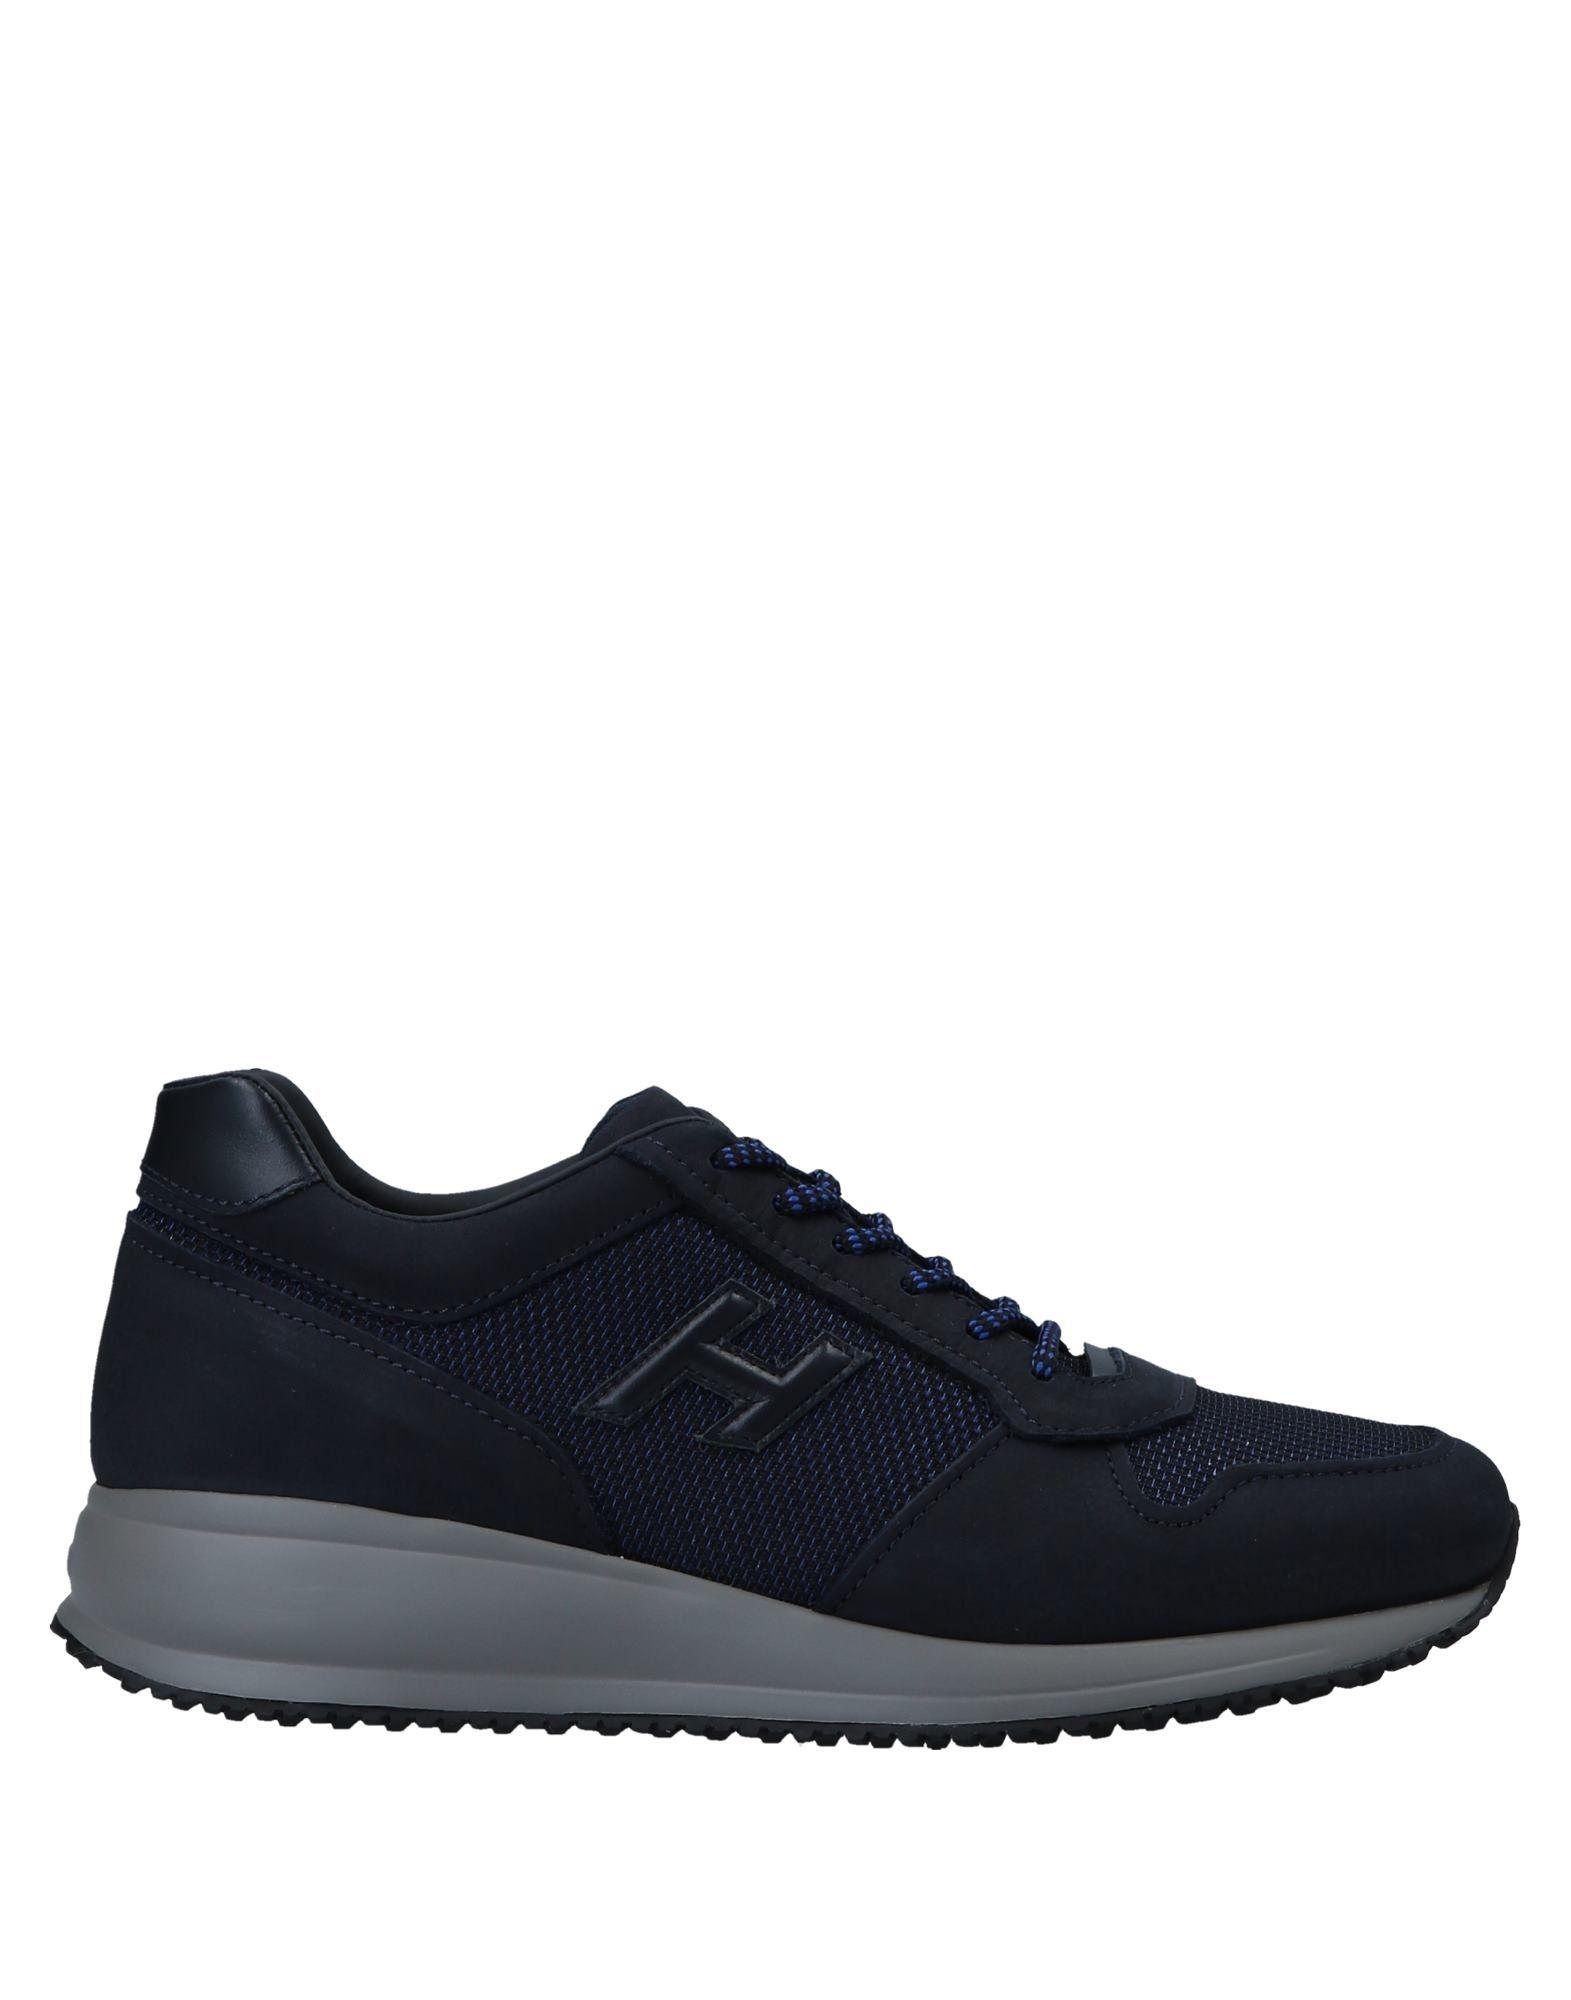 Hogan Sneakers Herren  11559179NC Schuhe Gute Qualität beliebte Schuhe 11559179NC 2d2506